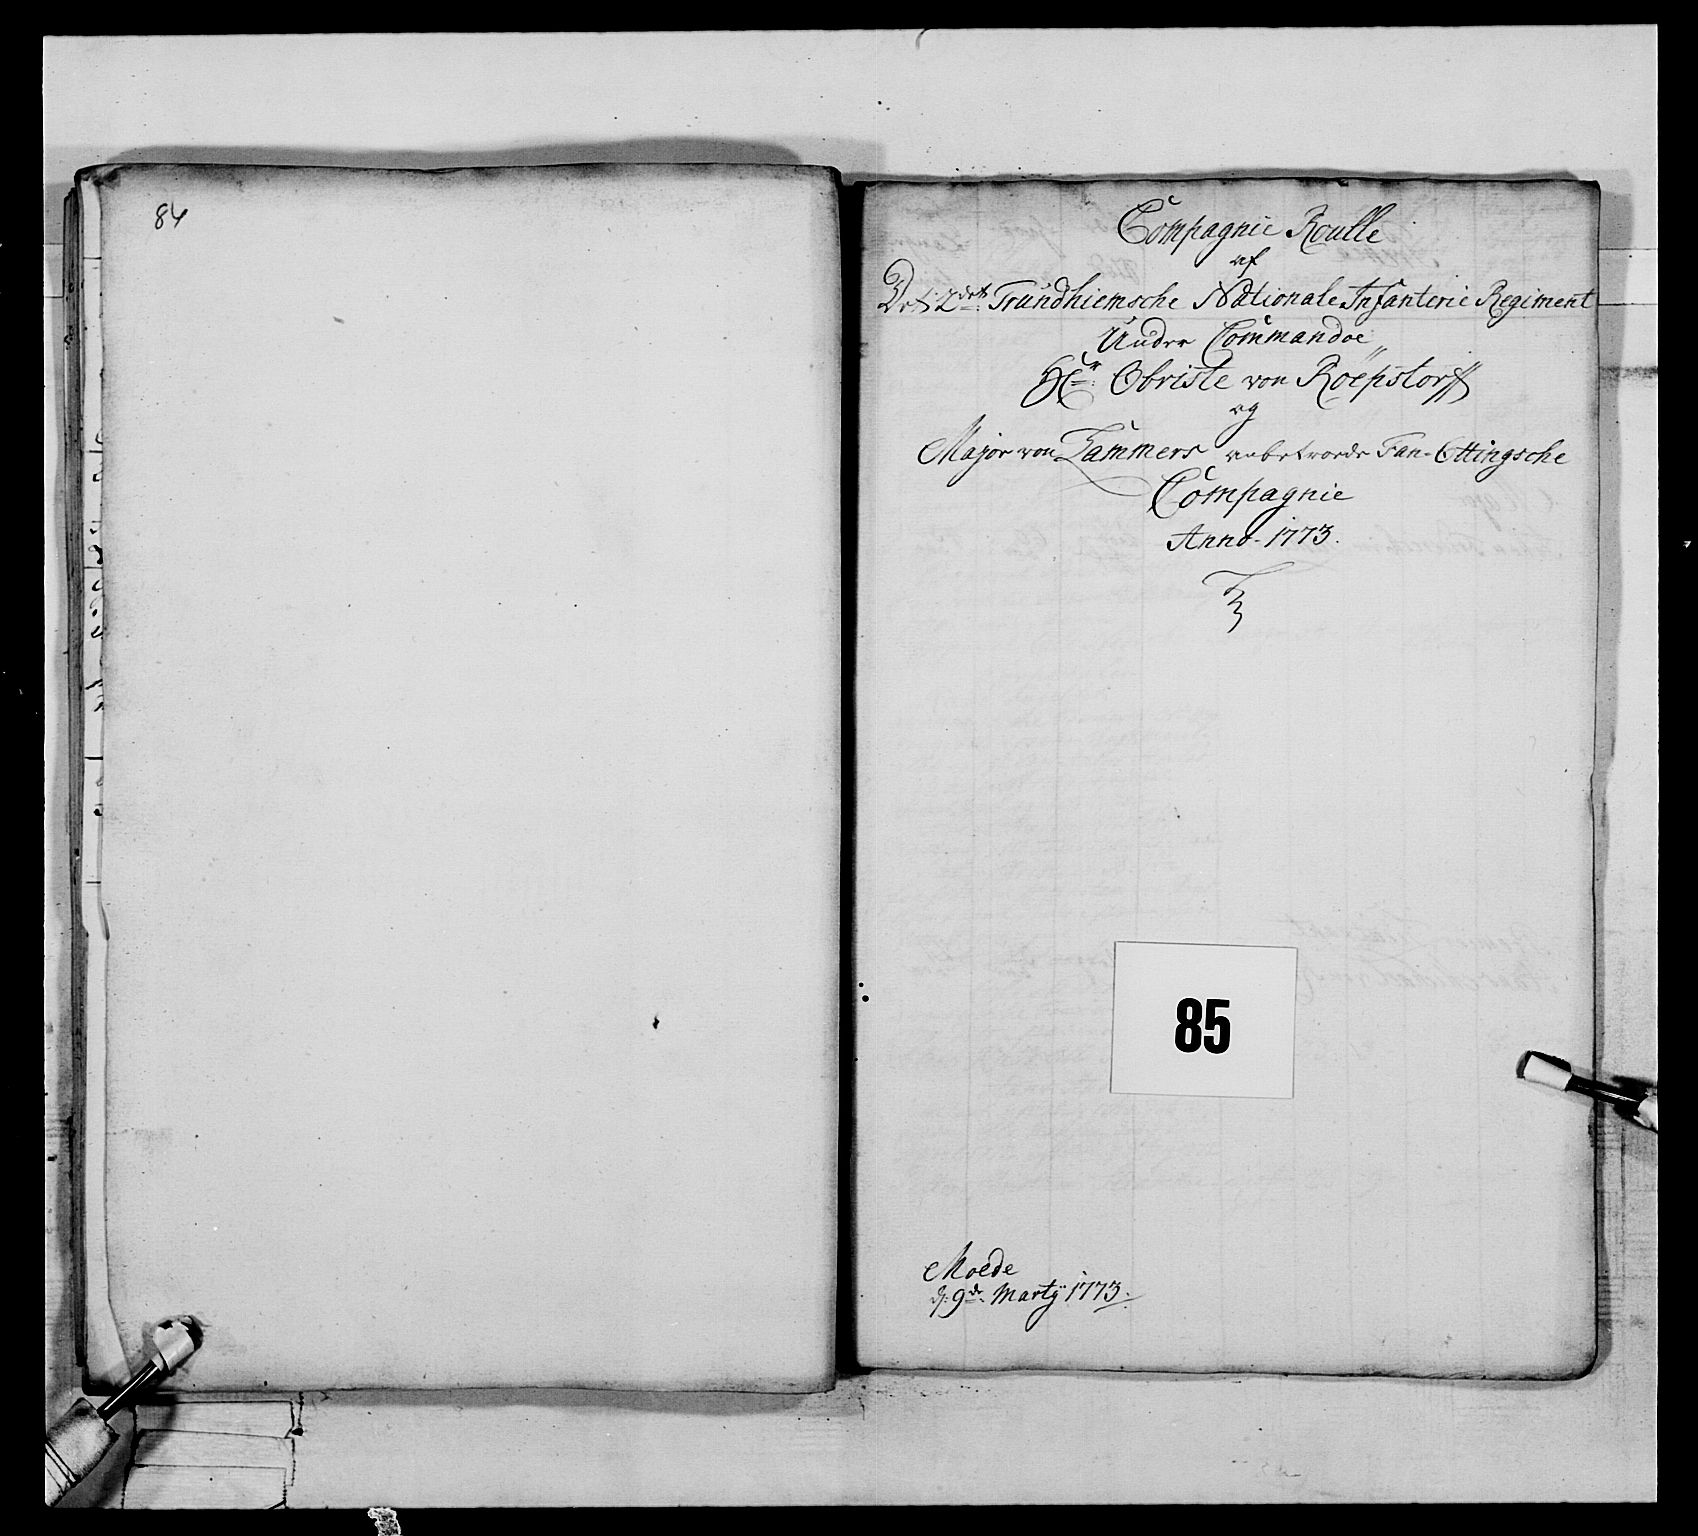 RA, Generalitets- og kommissariatskollegiet, Det kongelige norske kommissariatskollegium, E/Eh/L0076: 2. Trondheimske nasjonale infanteriregiment, 1766-1773, s. 467